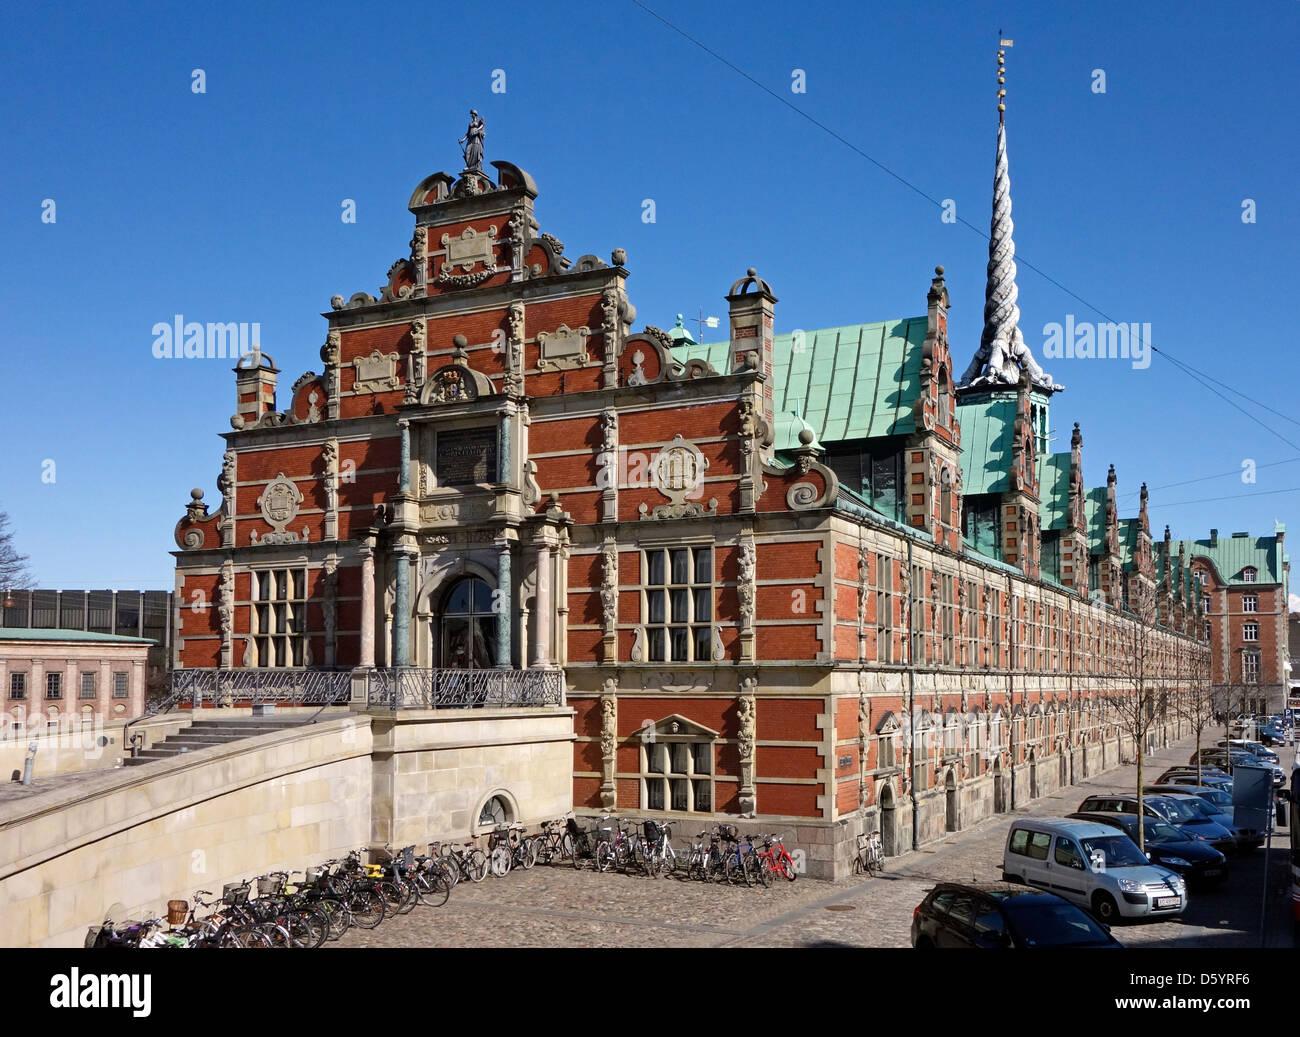 Former Børsen (The Stock Exchange) on Slotsholmen in central Copenhagen Denmark. - Stock Image